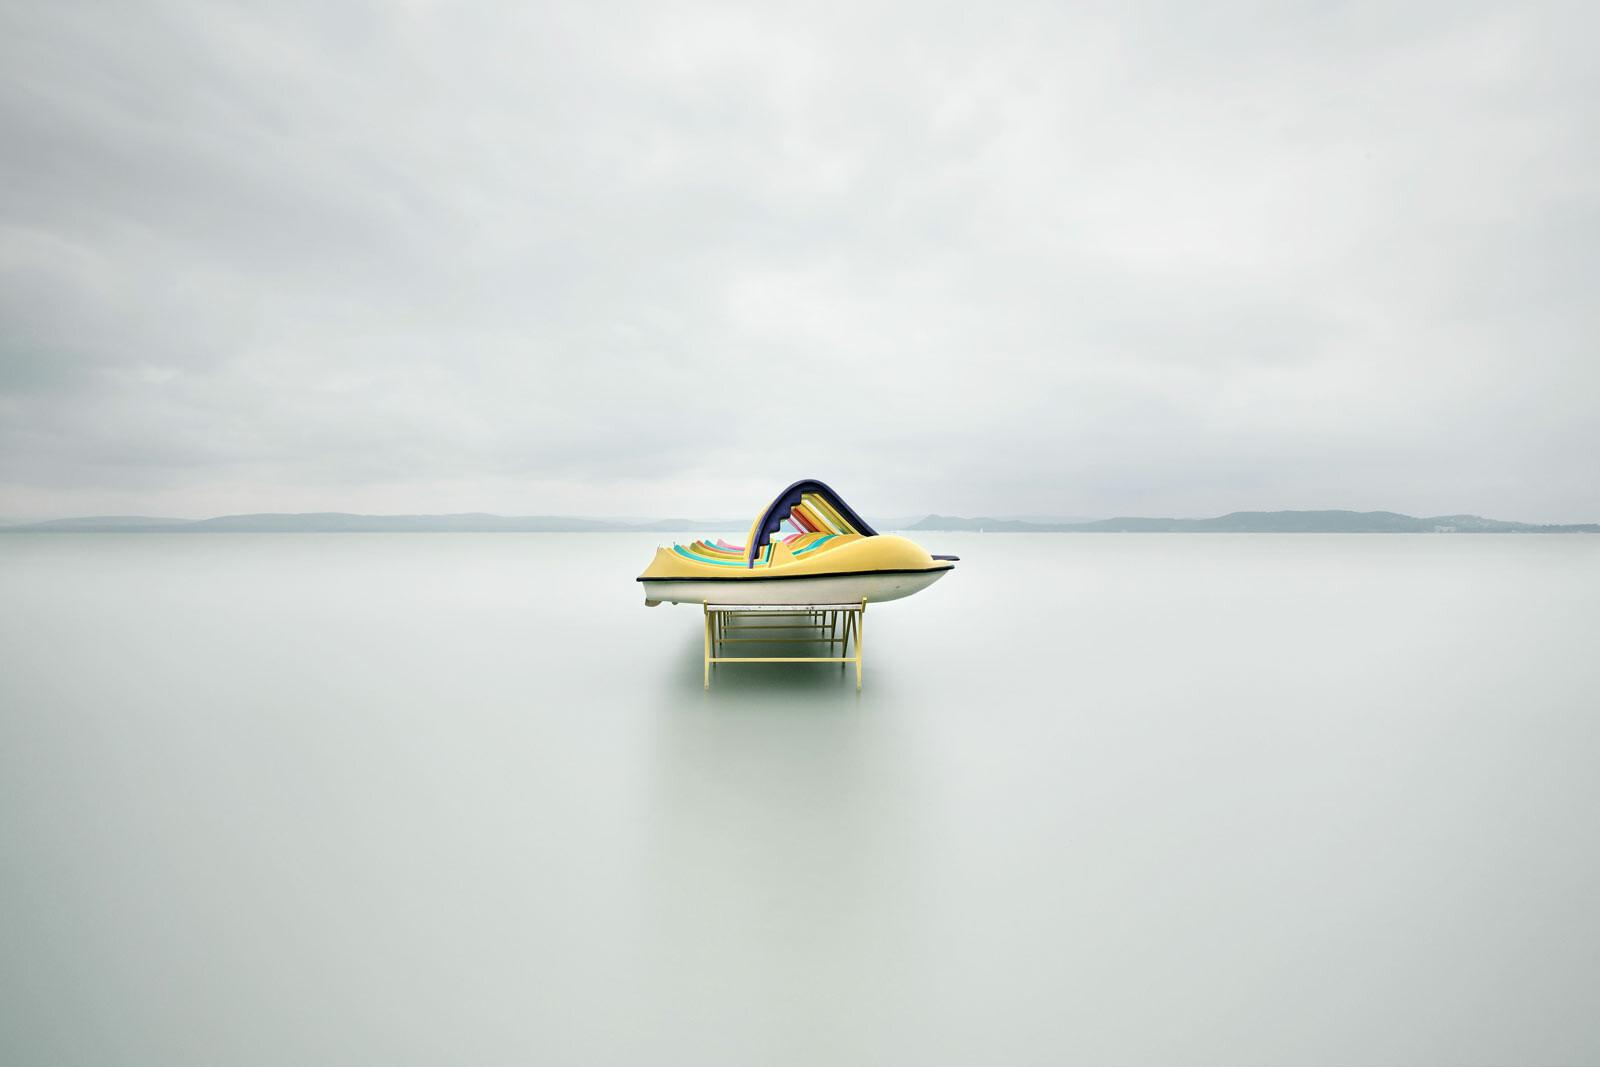 Pedalboats #2 - Akos Major